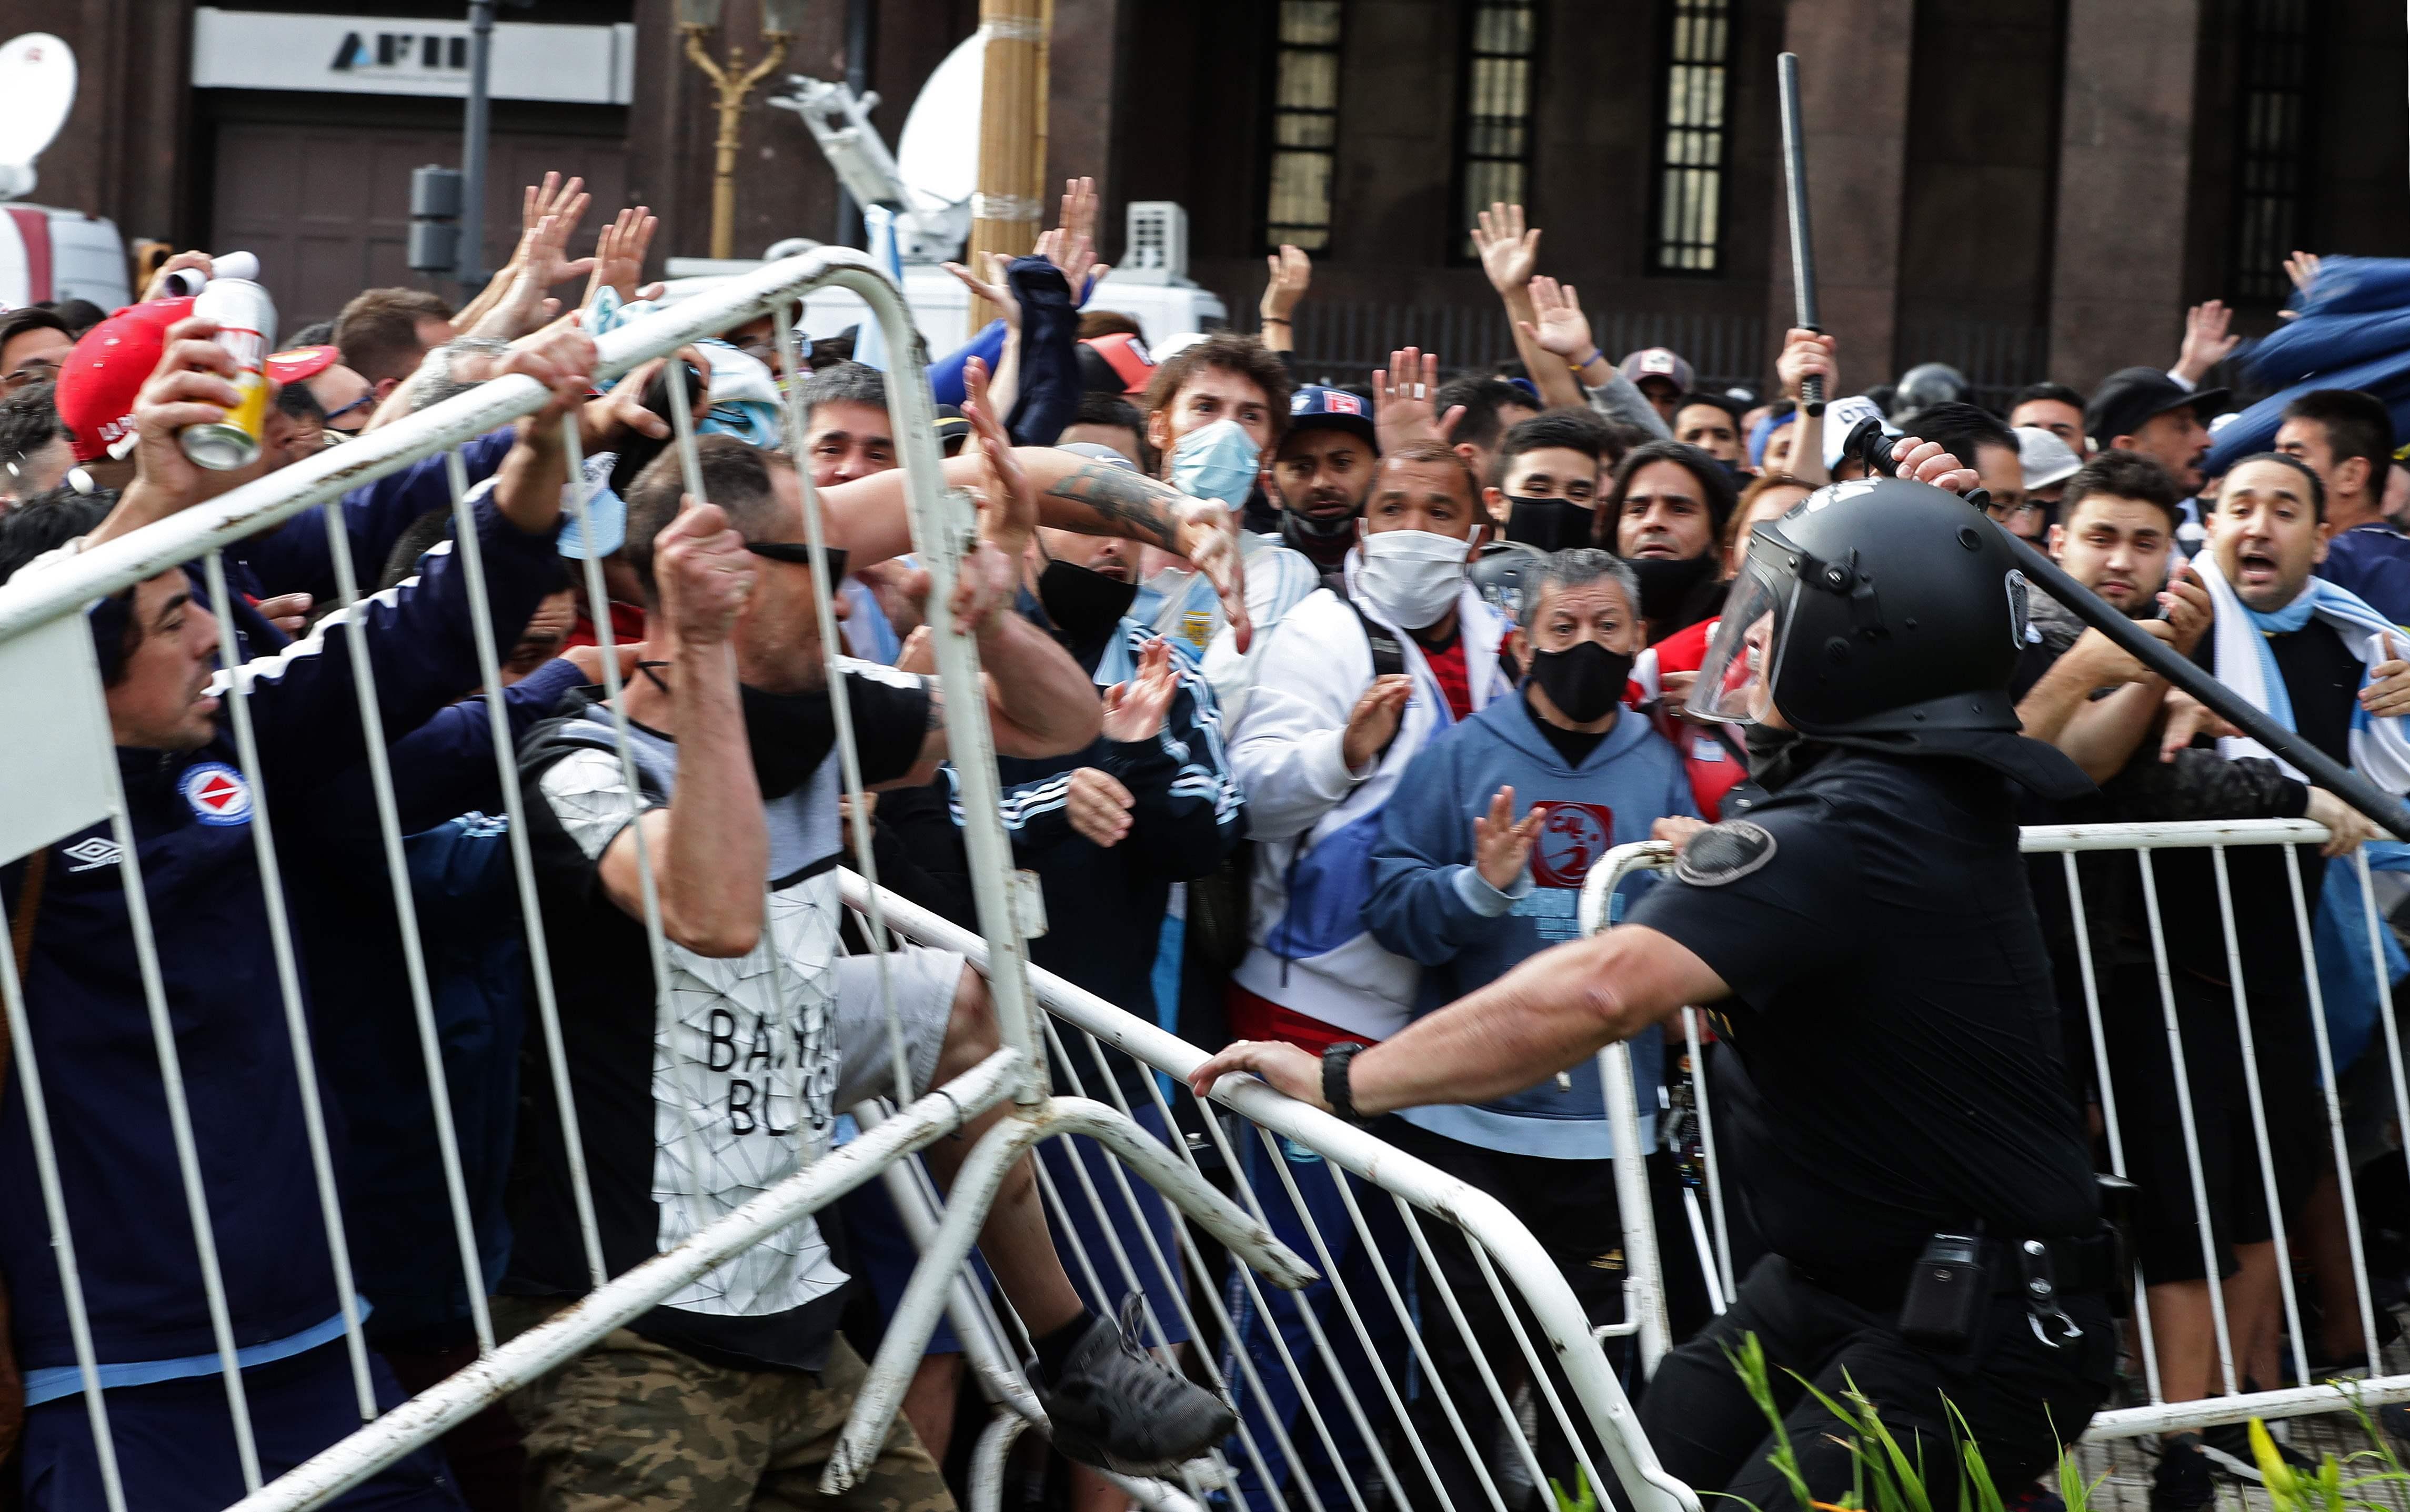 Fans drangen bei Maradona-Totenwache in Regierungssitz ein